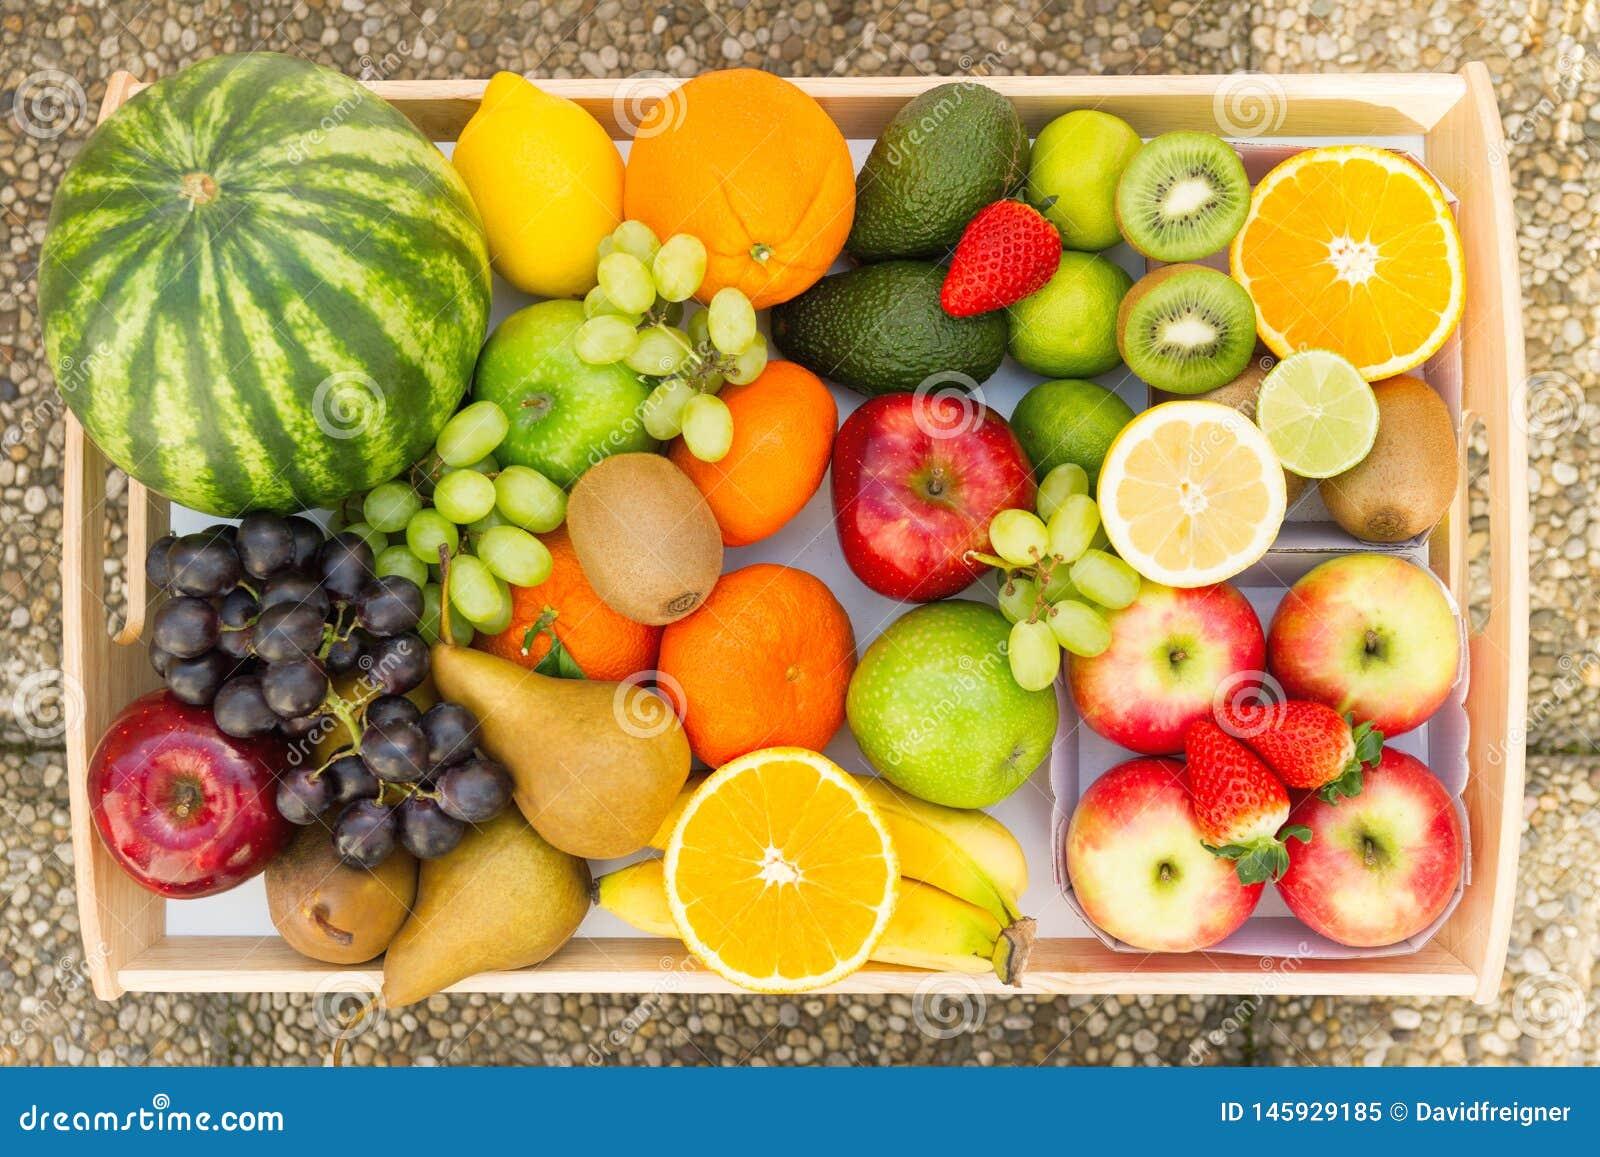 Un tas de beaucoup de diff?rents fruits tropicaux